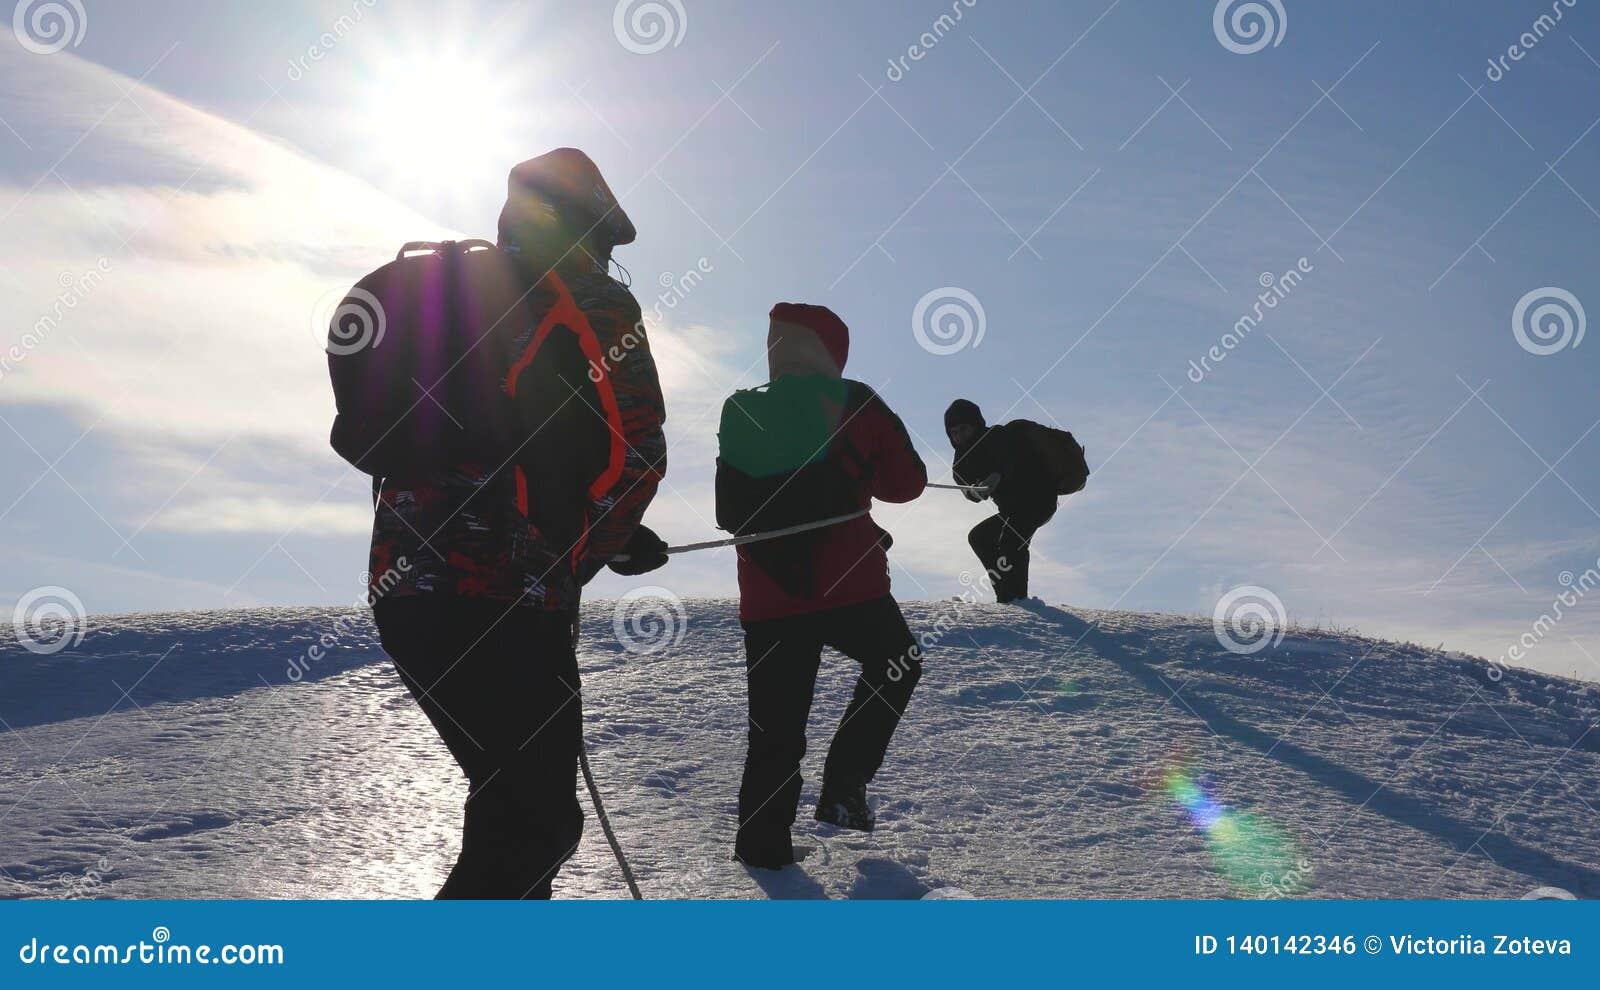 Drie Alpenists beklimmen kabel op sneeuwberg De toeristen werken samen als team schuddende hoogten die moeilijkheden overwinnen